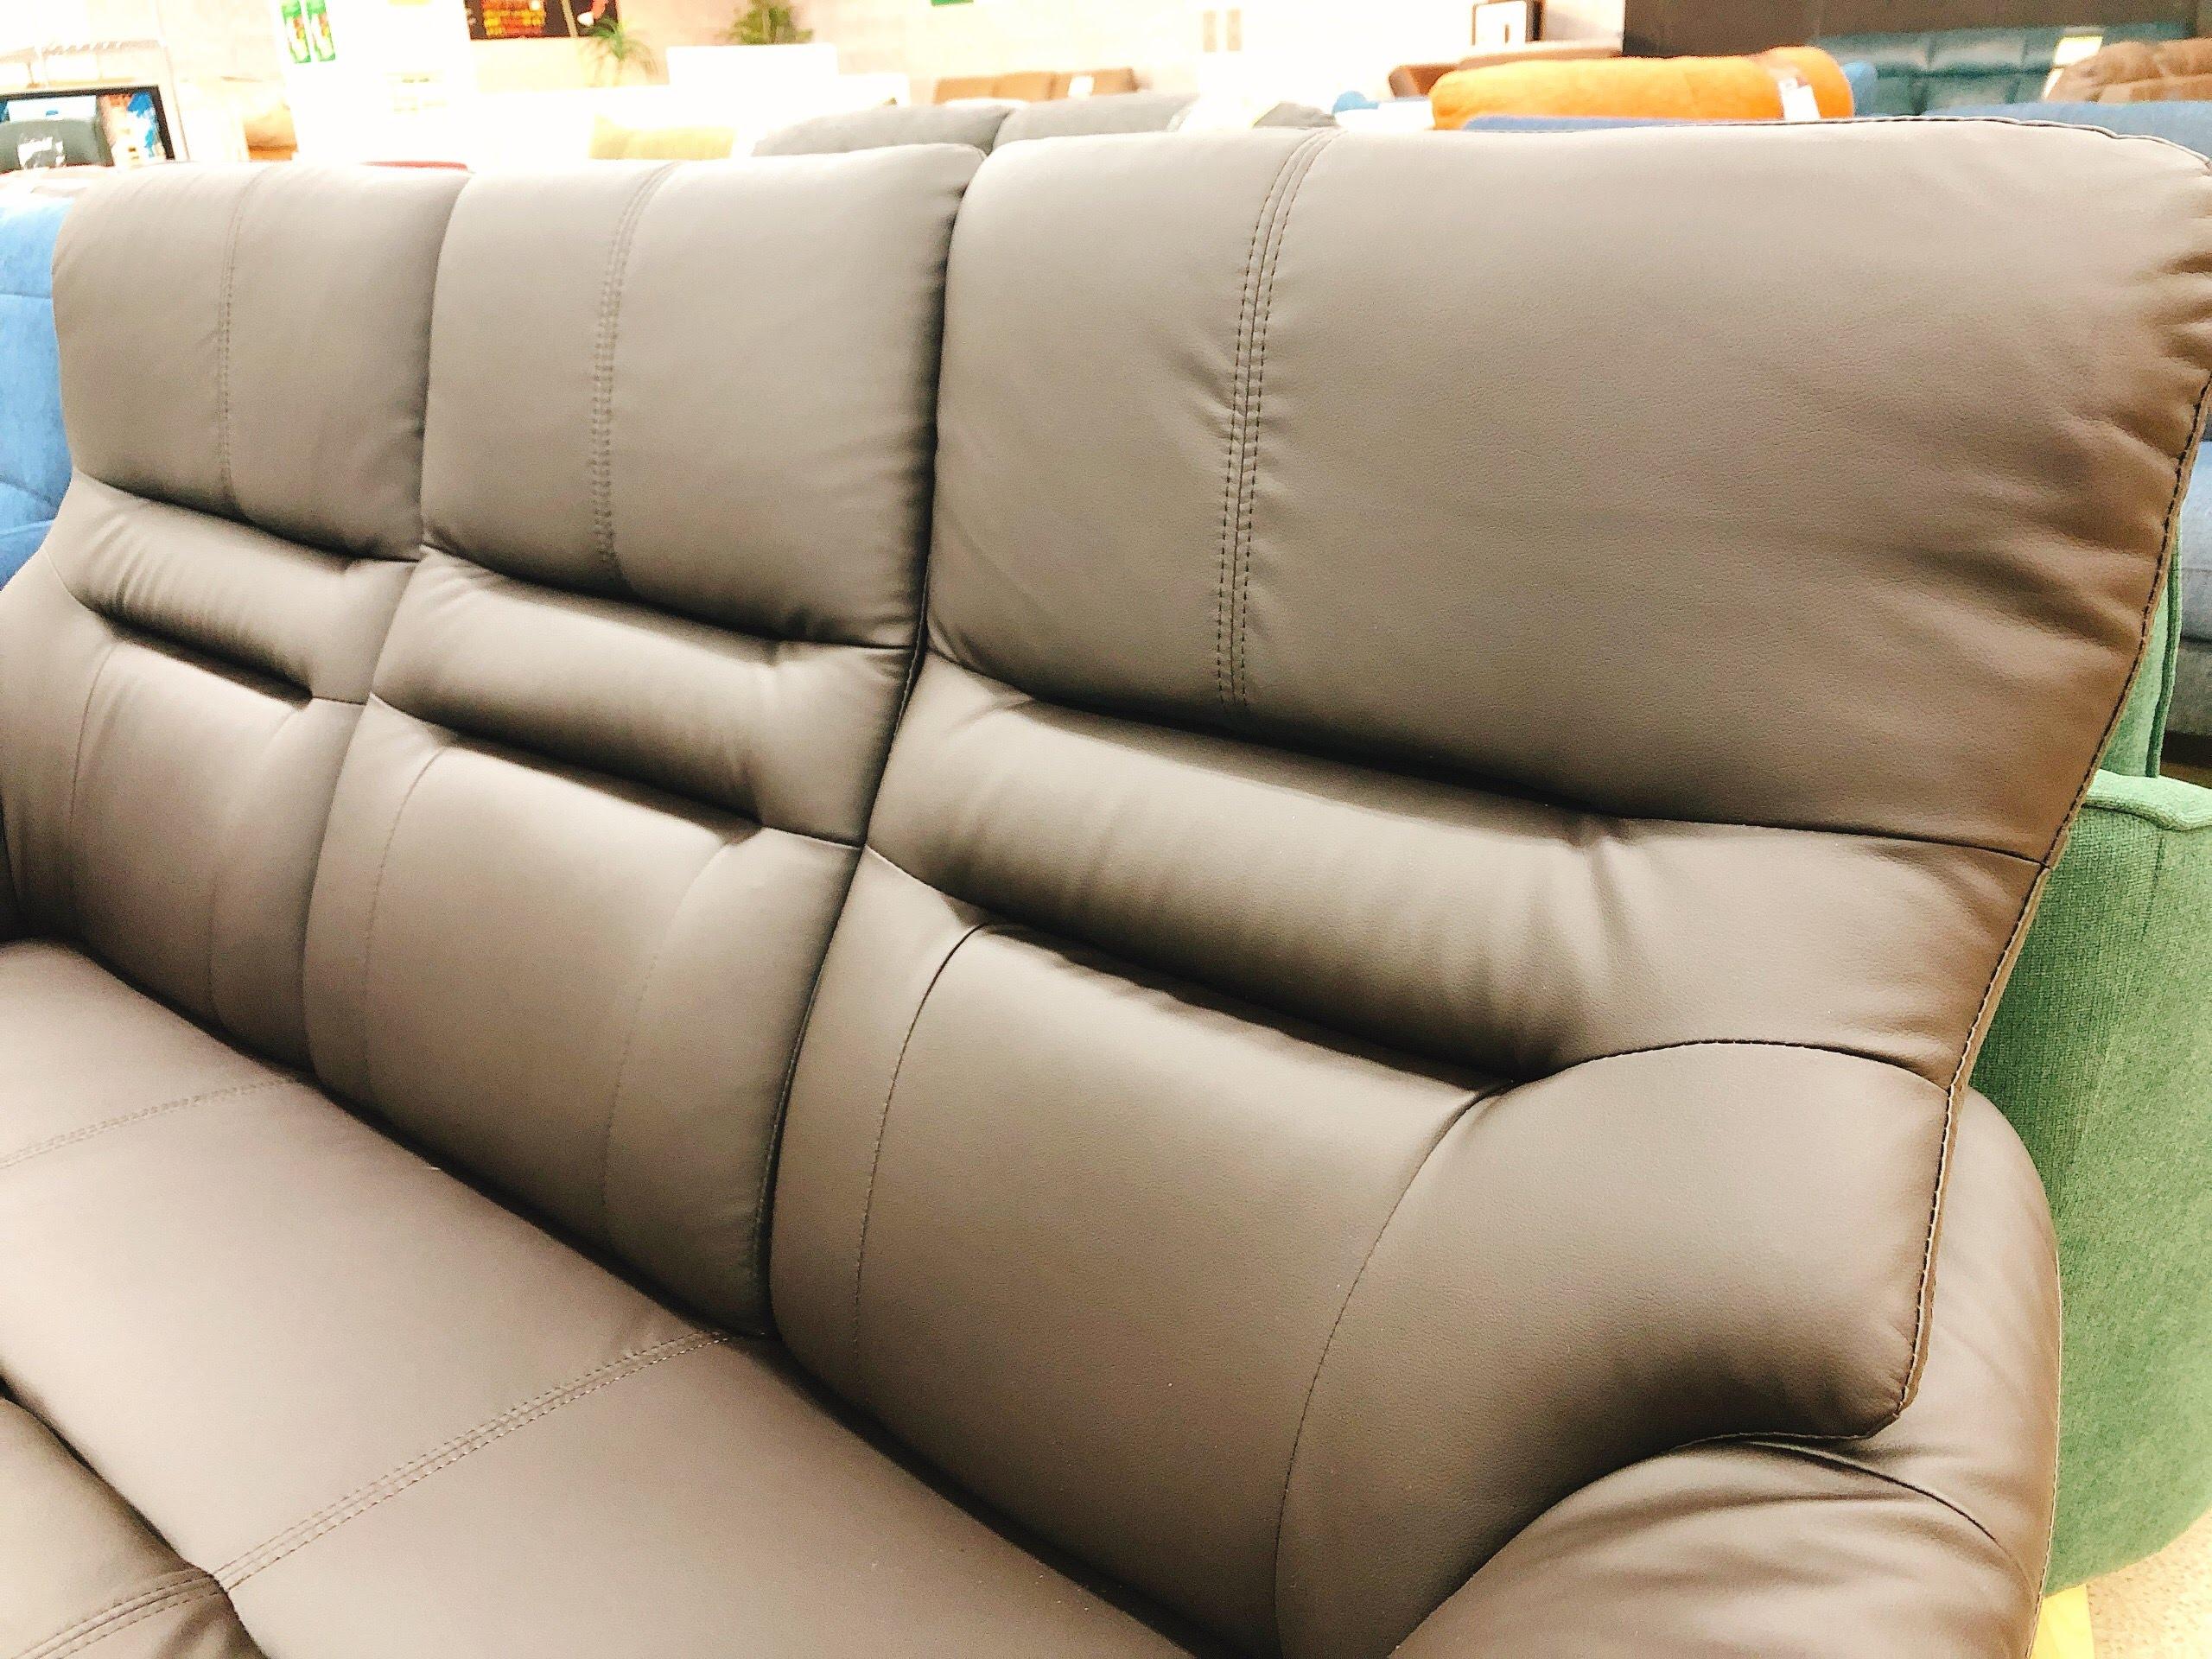 3人掛けAPU合成皮革ソファー 固めの座り心地のハイバックの画像3